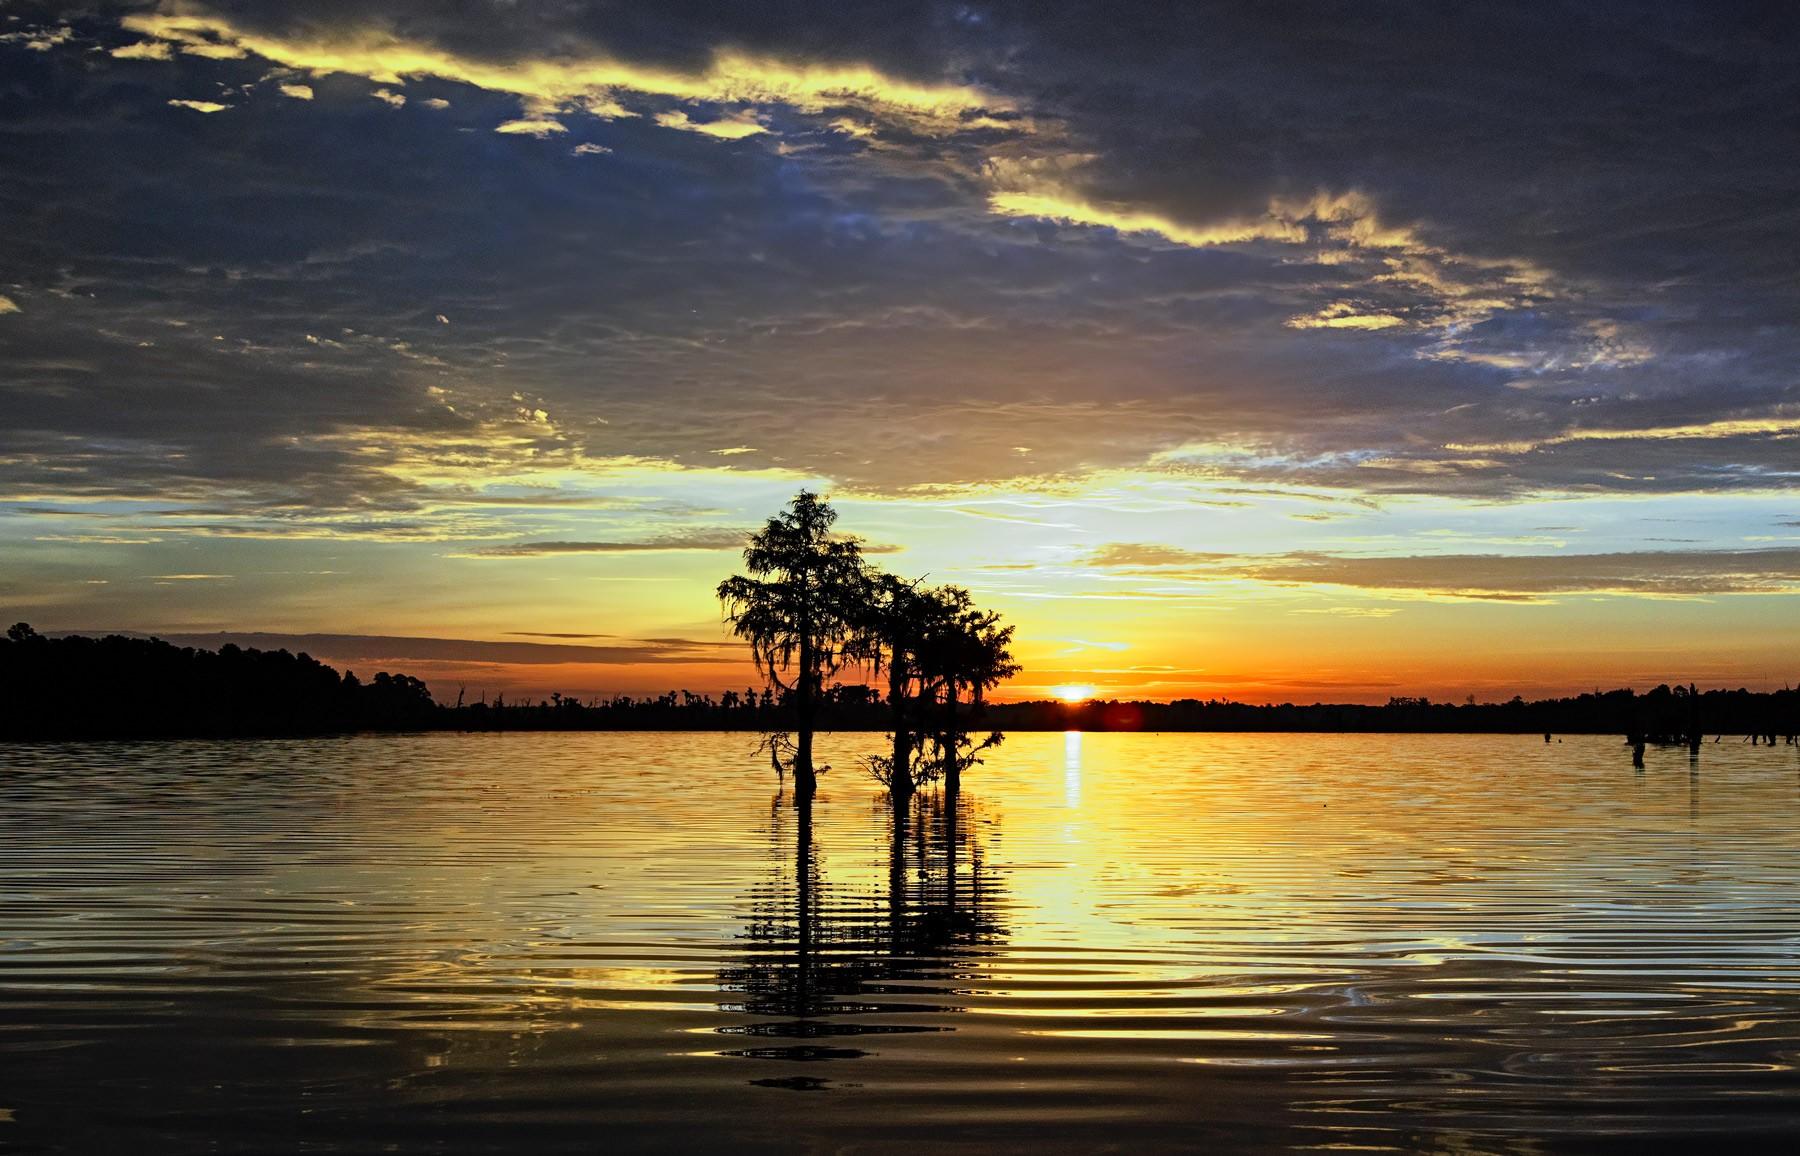 sunrise-econ-2-jpg.jpg